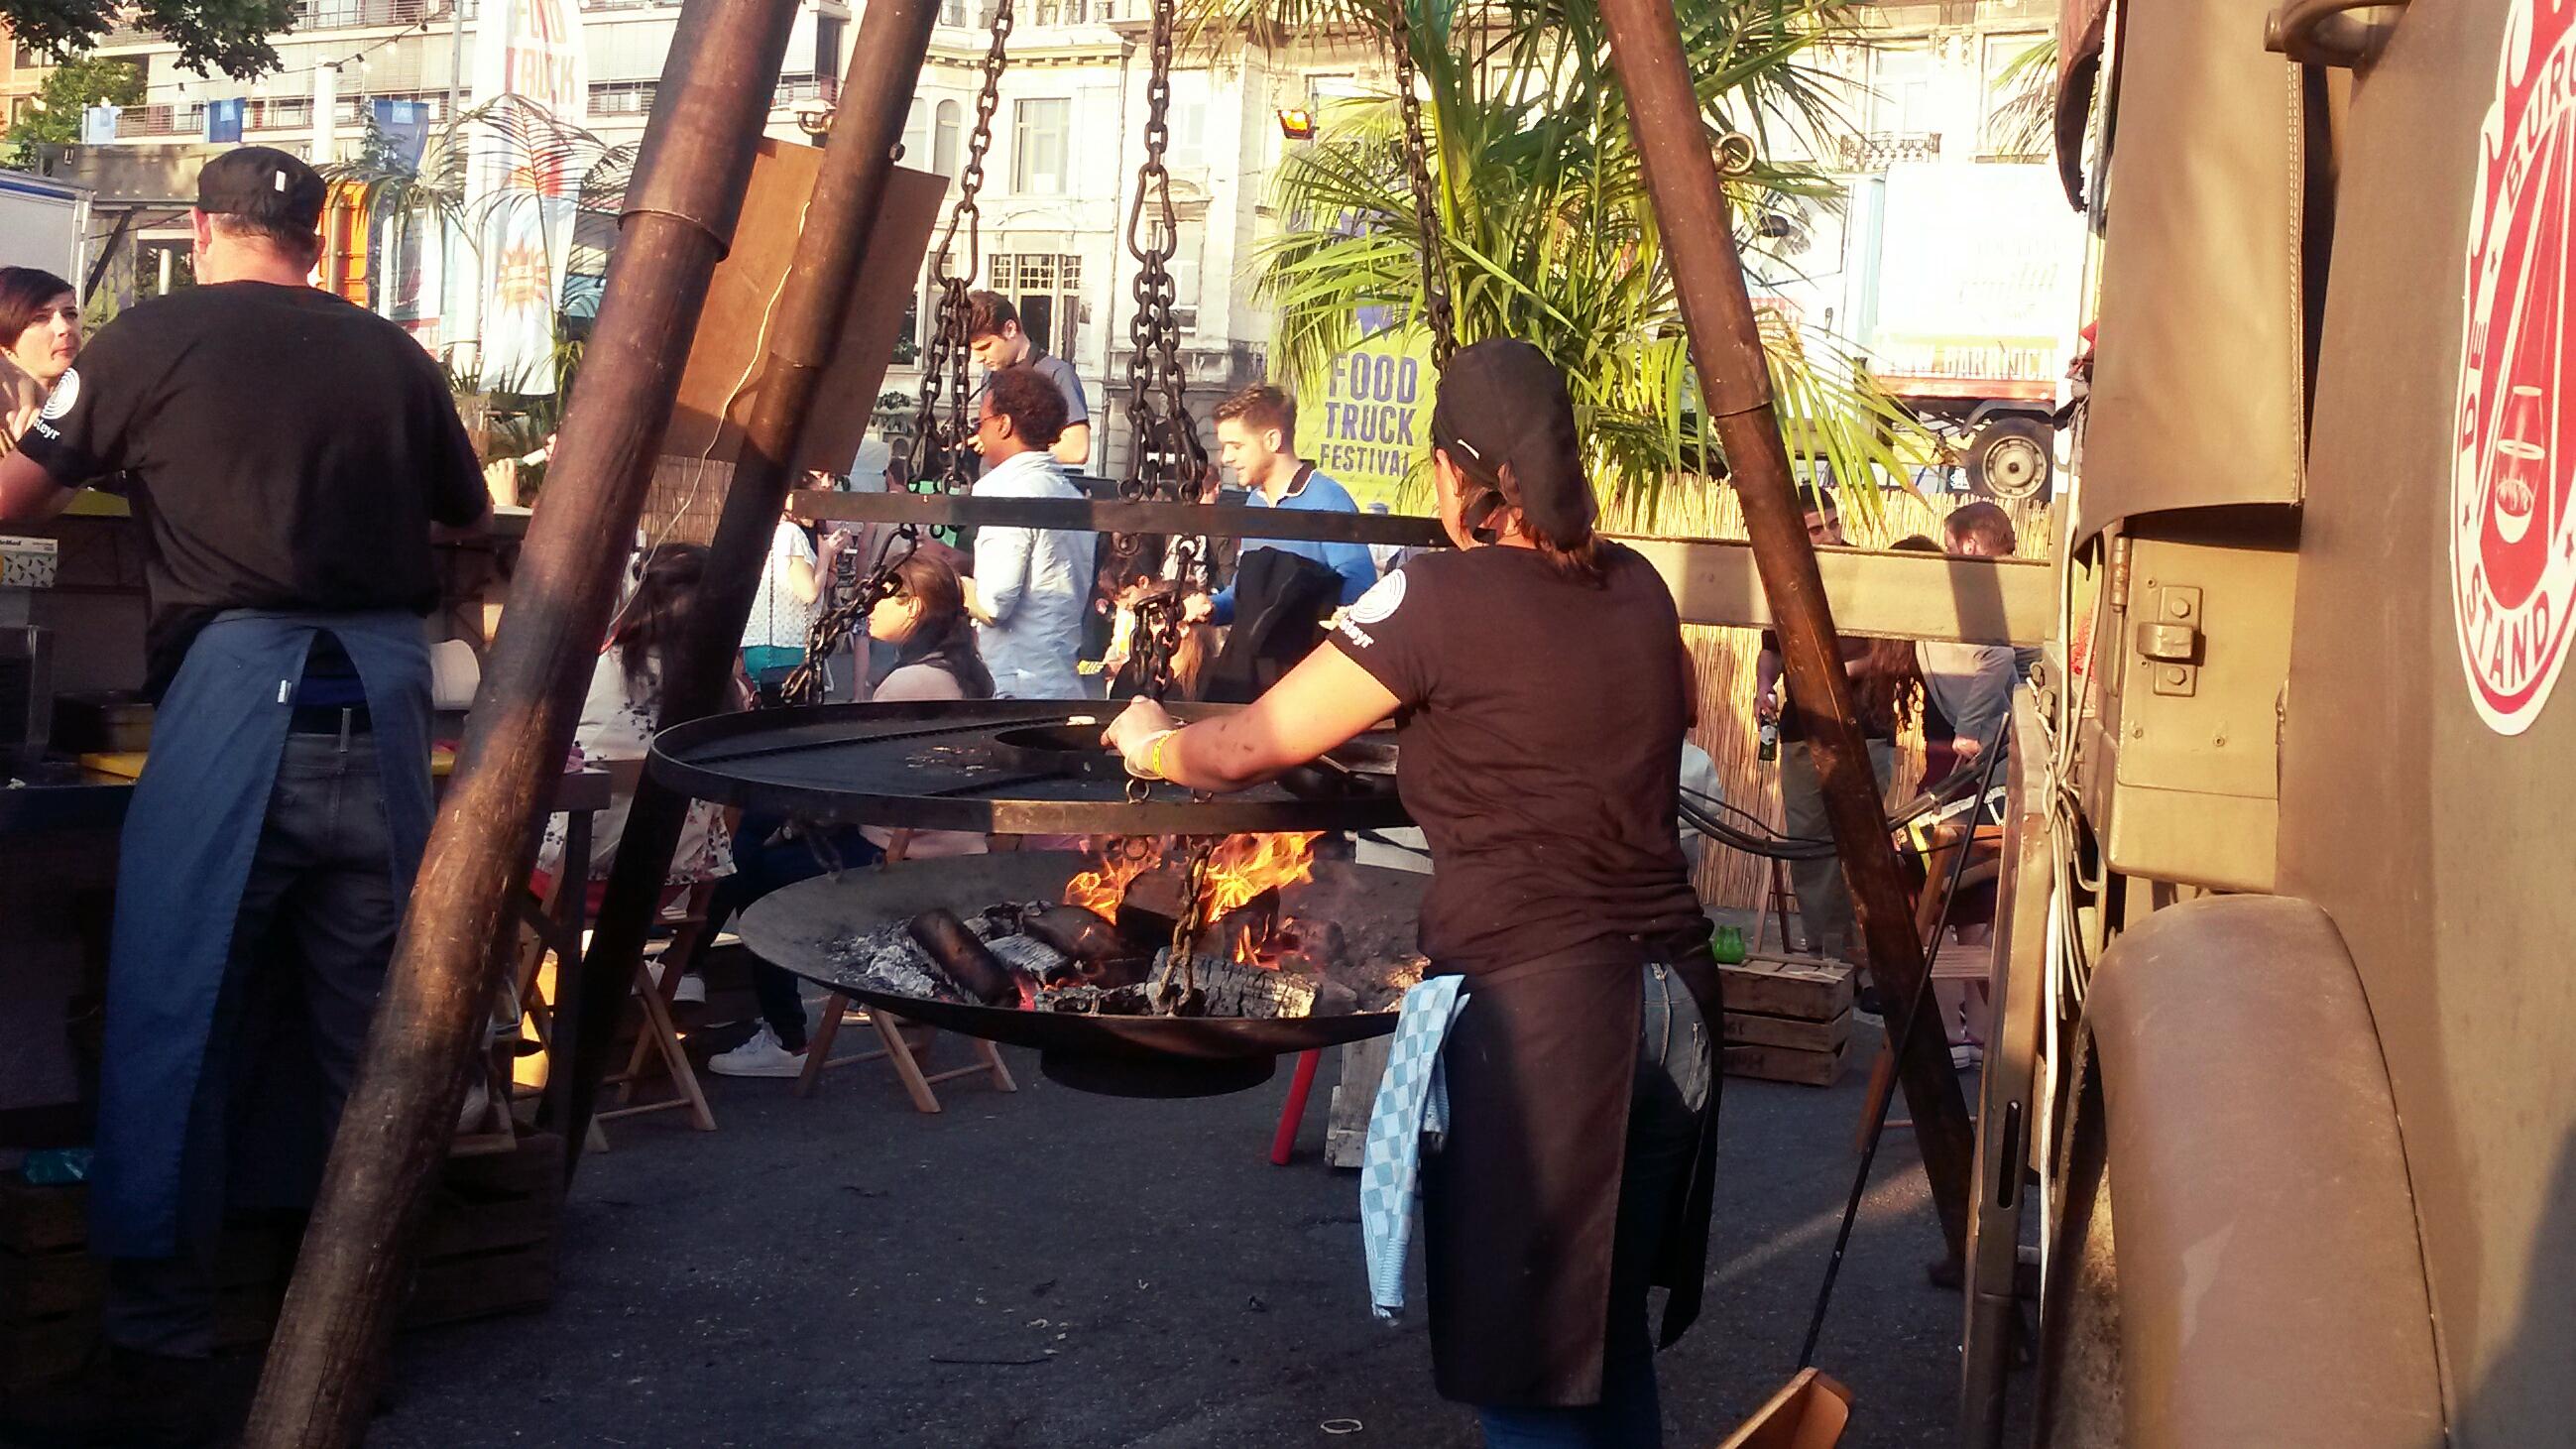 De burgerlijke stand, barrio cantina food truck festival, antwerpen